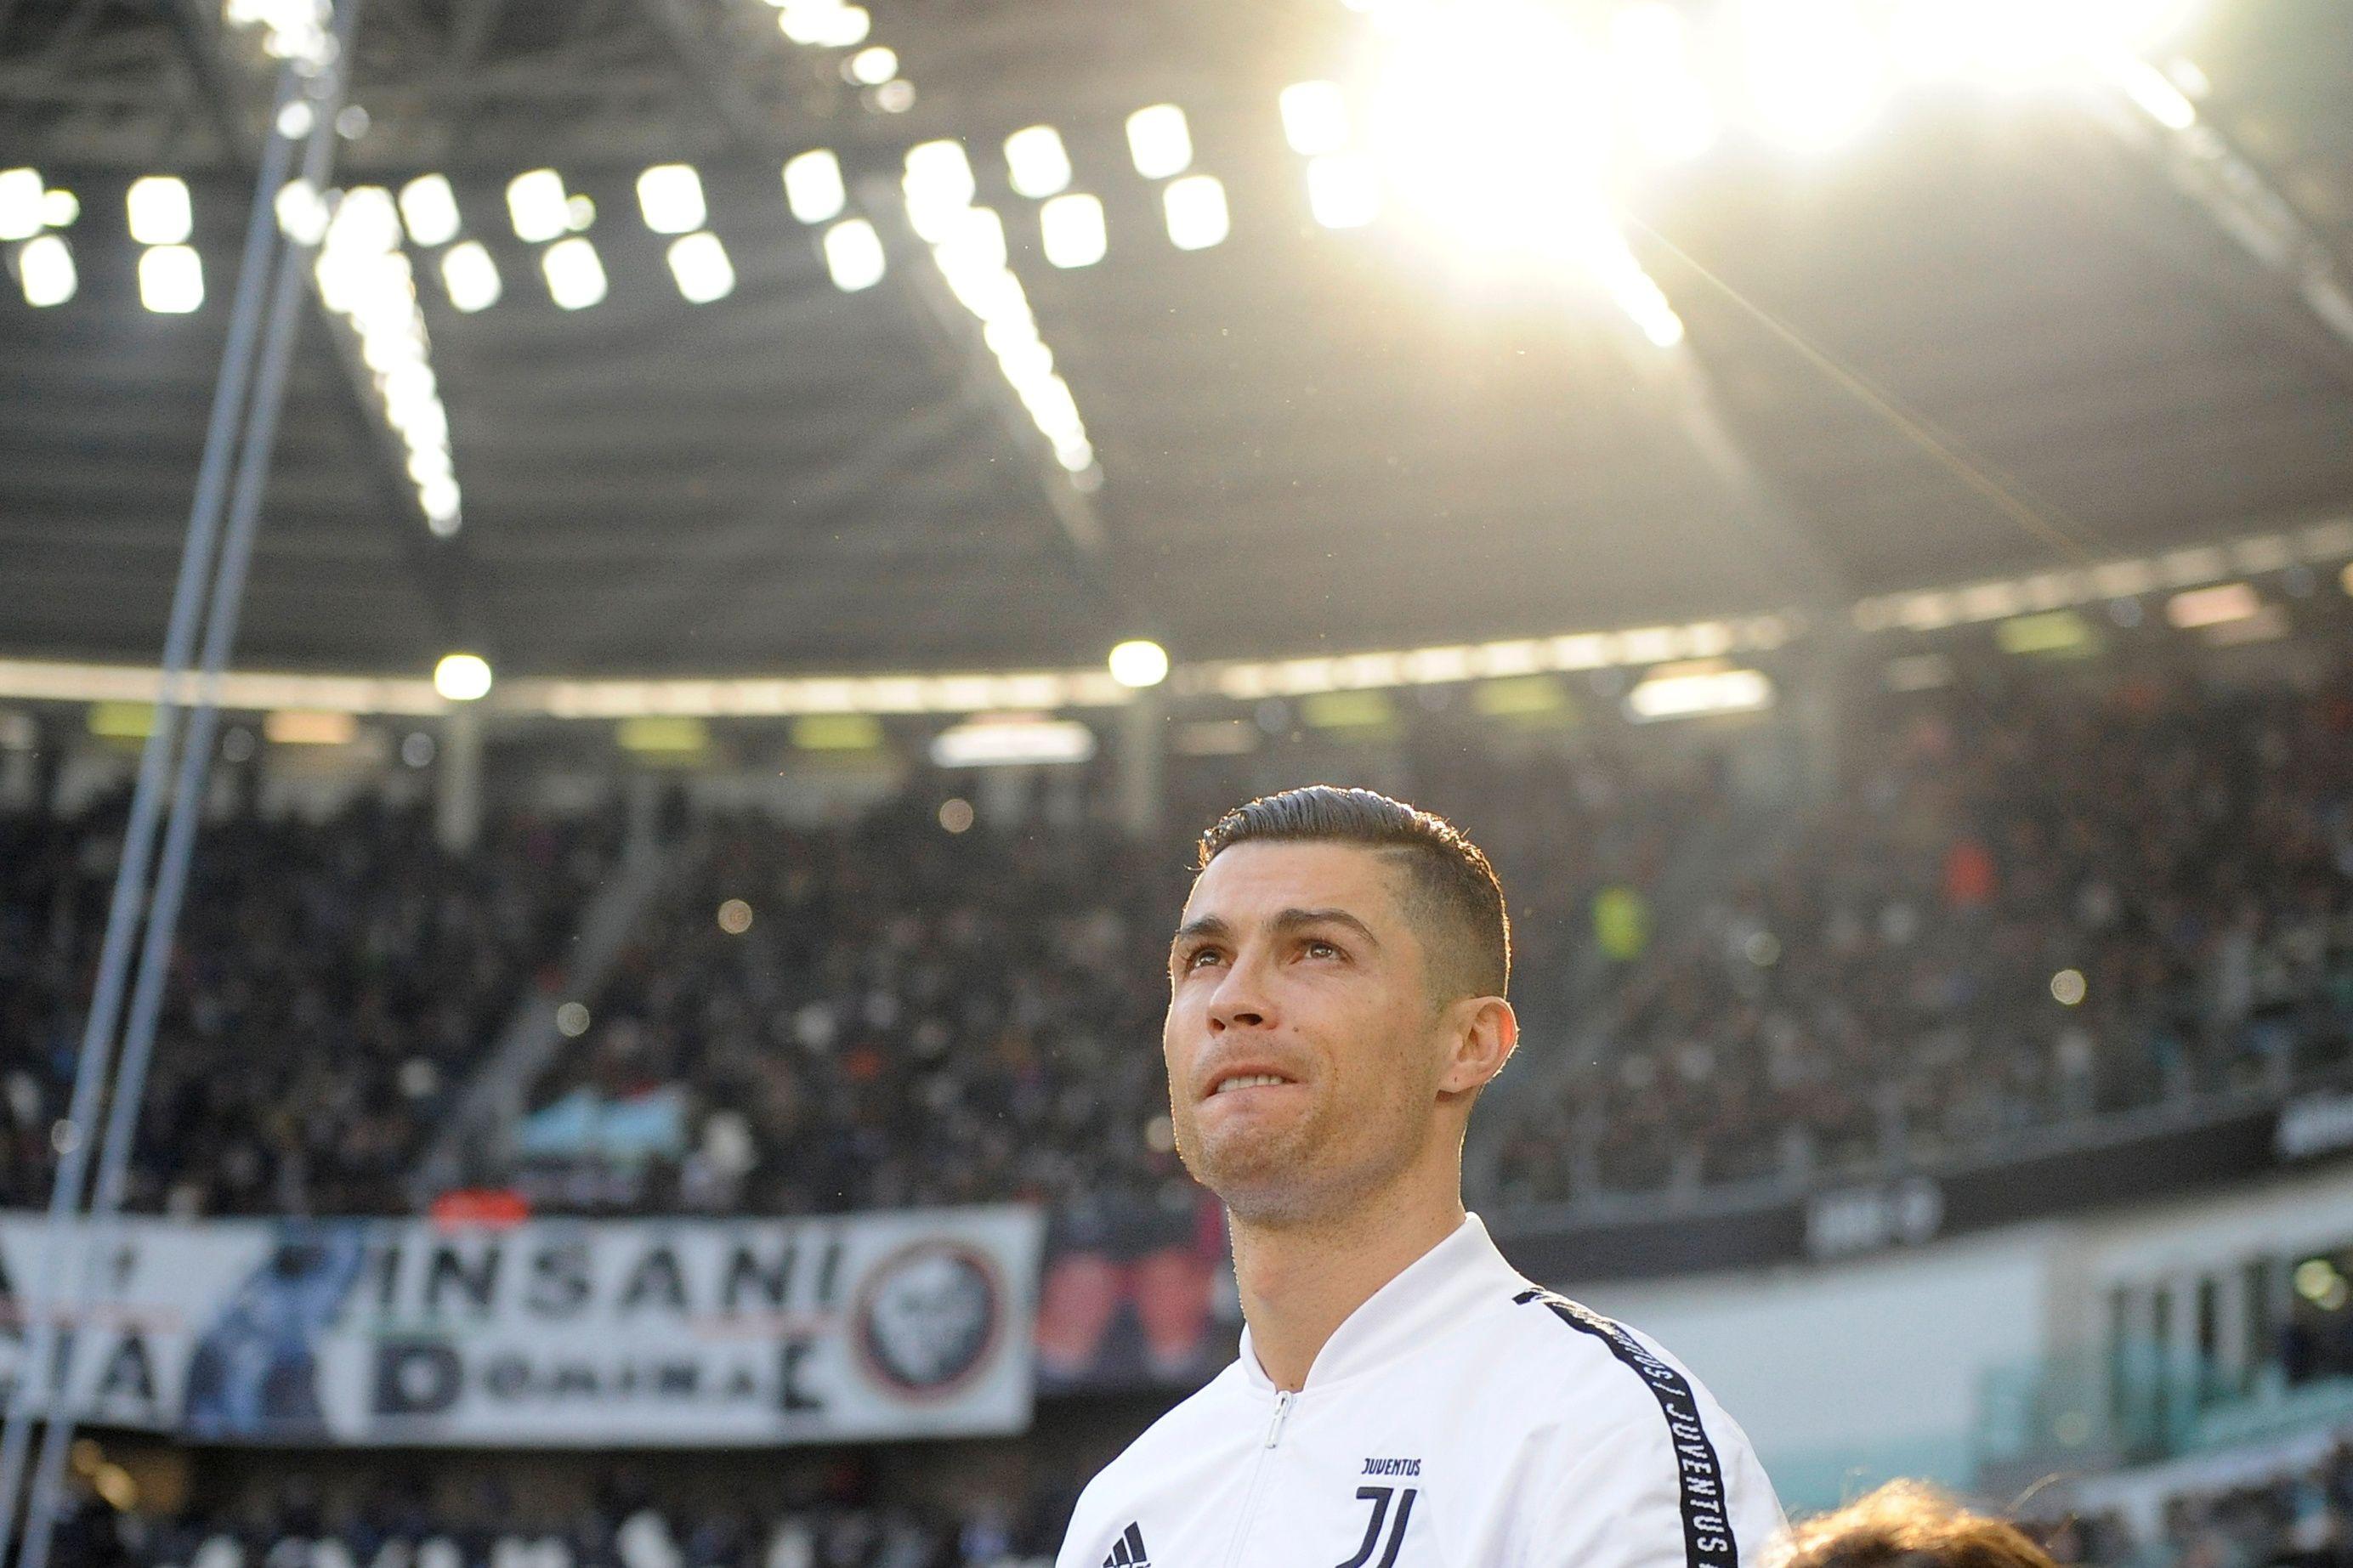 Diretor desportivo da Juventus explica ao detalhe como contratou CR7